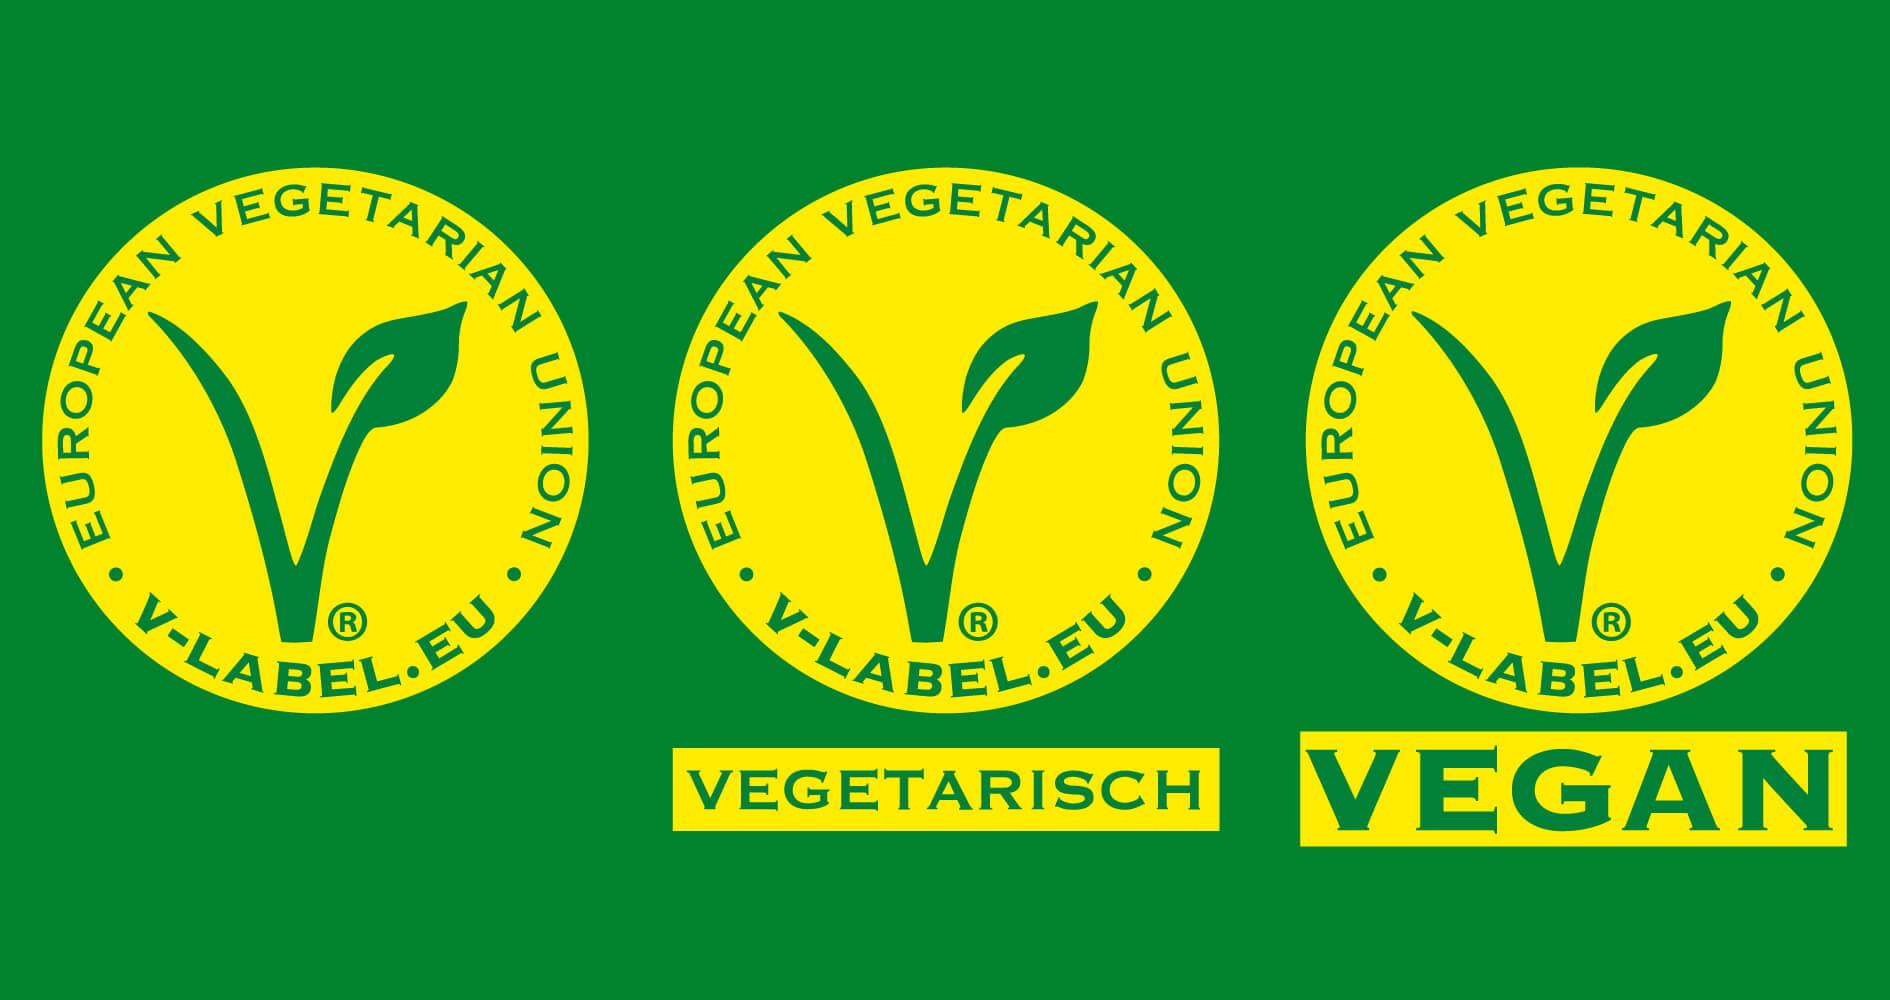 v-Label-Logo